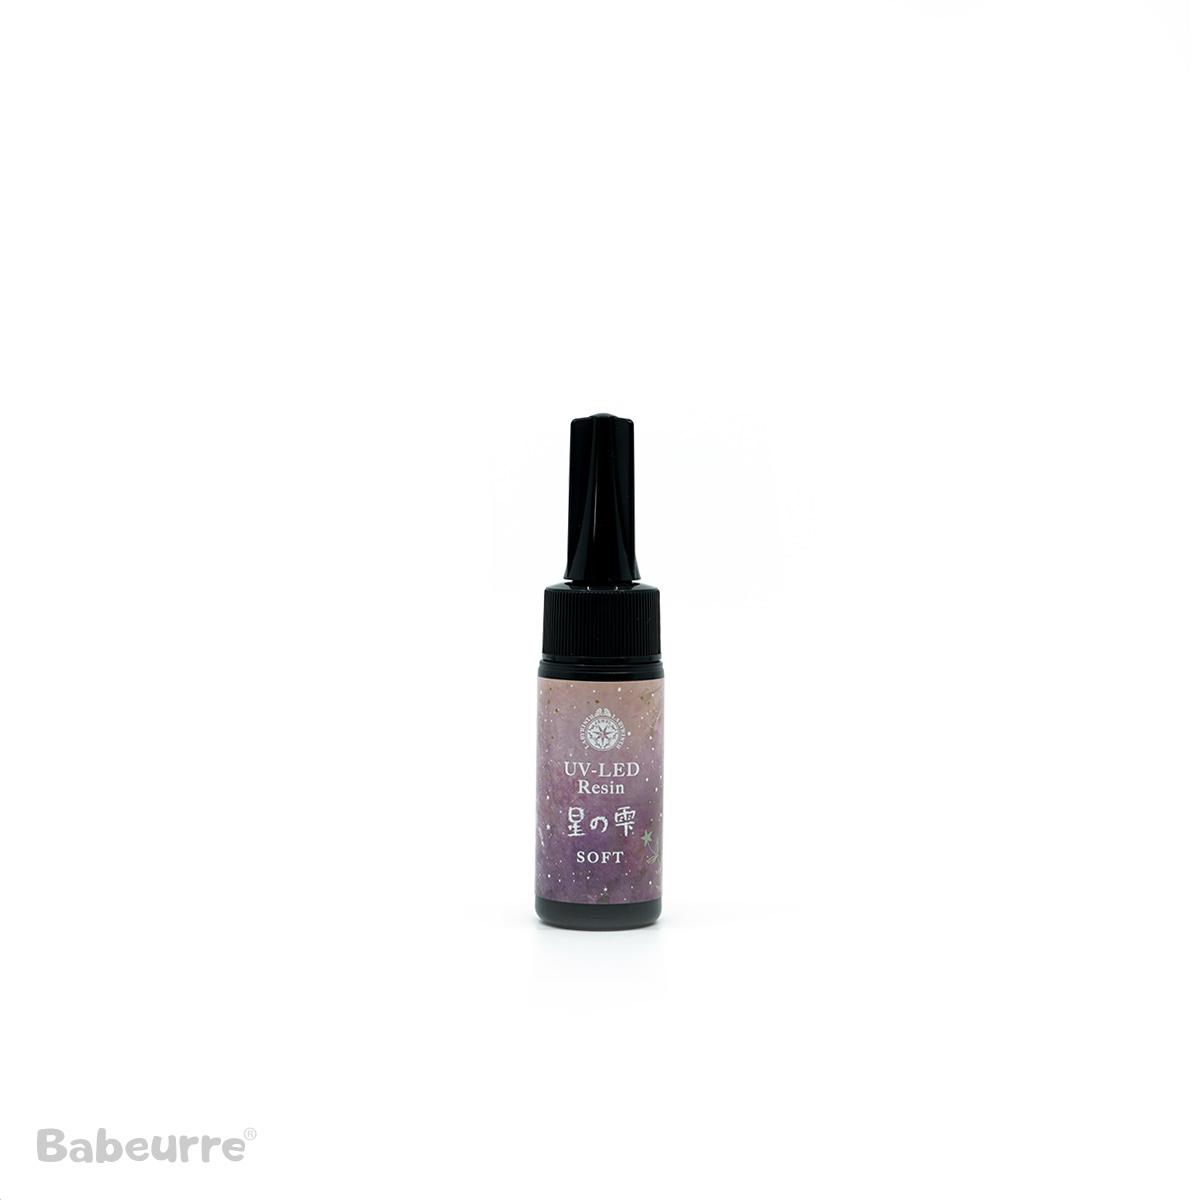 Padico UV Led Resin Start Drop Soft 25gr bottle